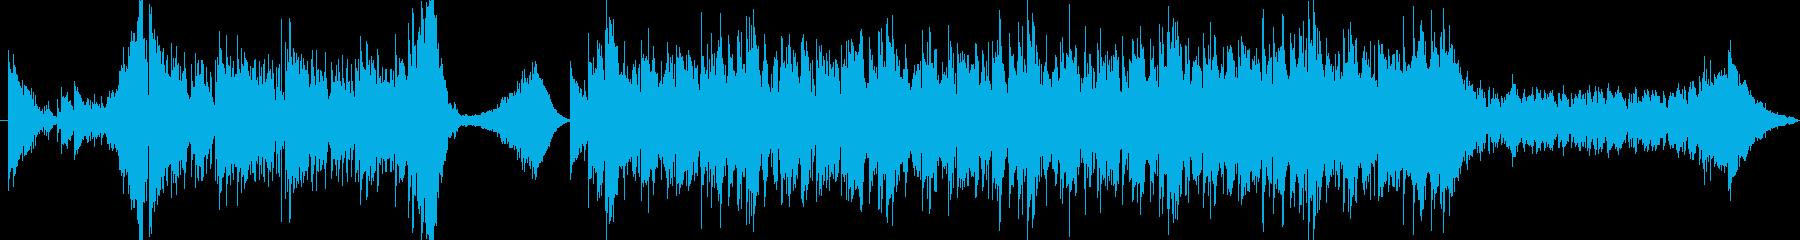 スピード感のあるシーンに最適の再生済みの波形